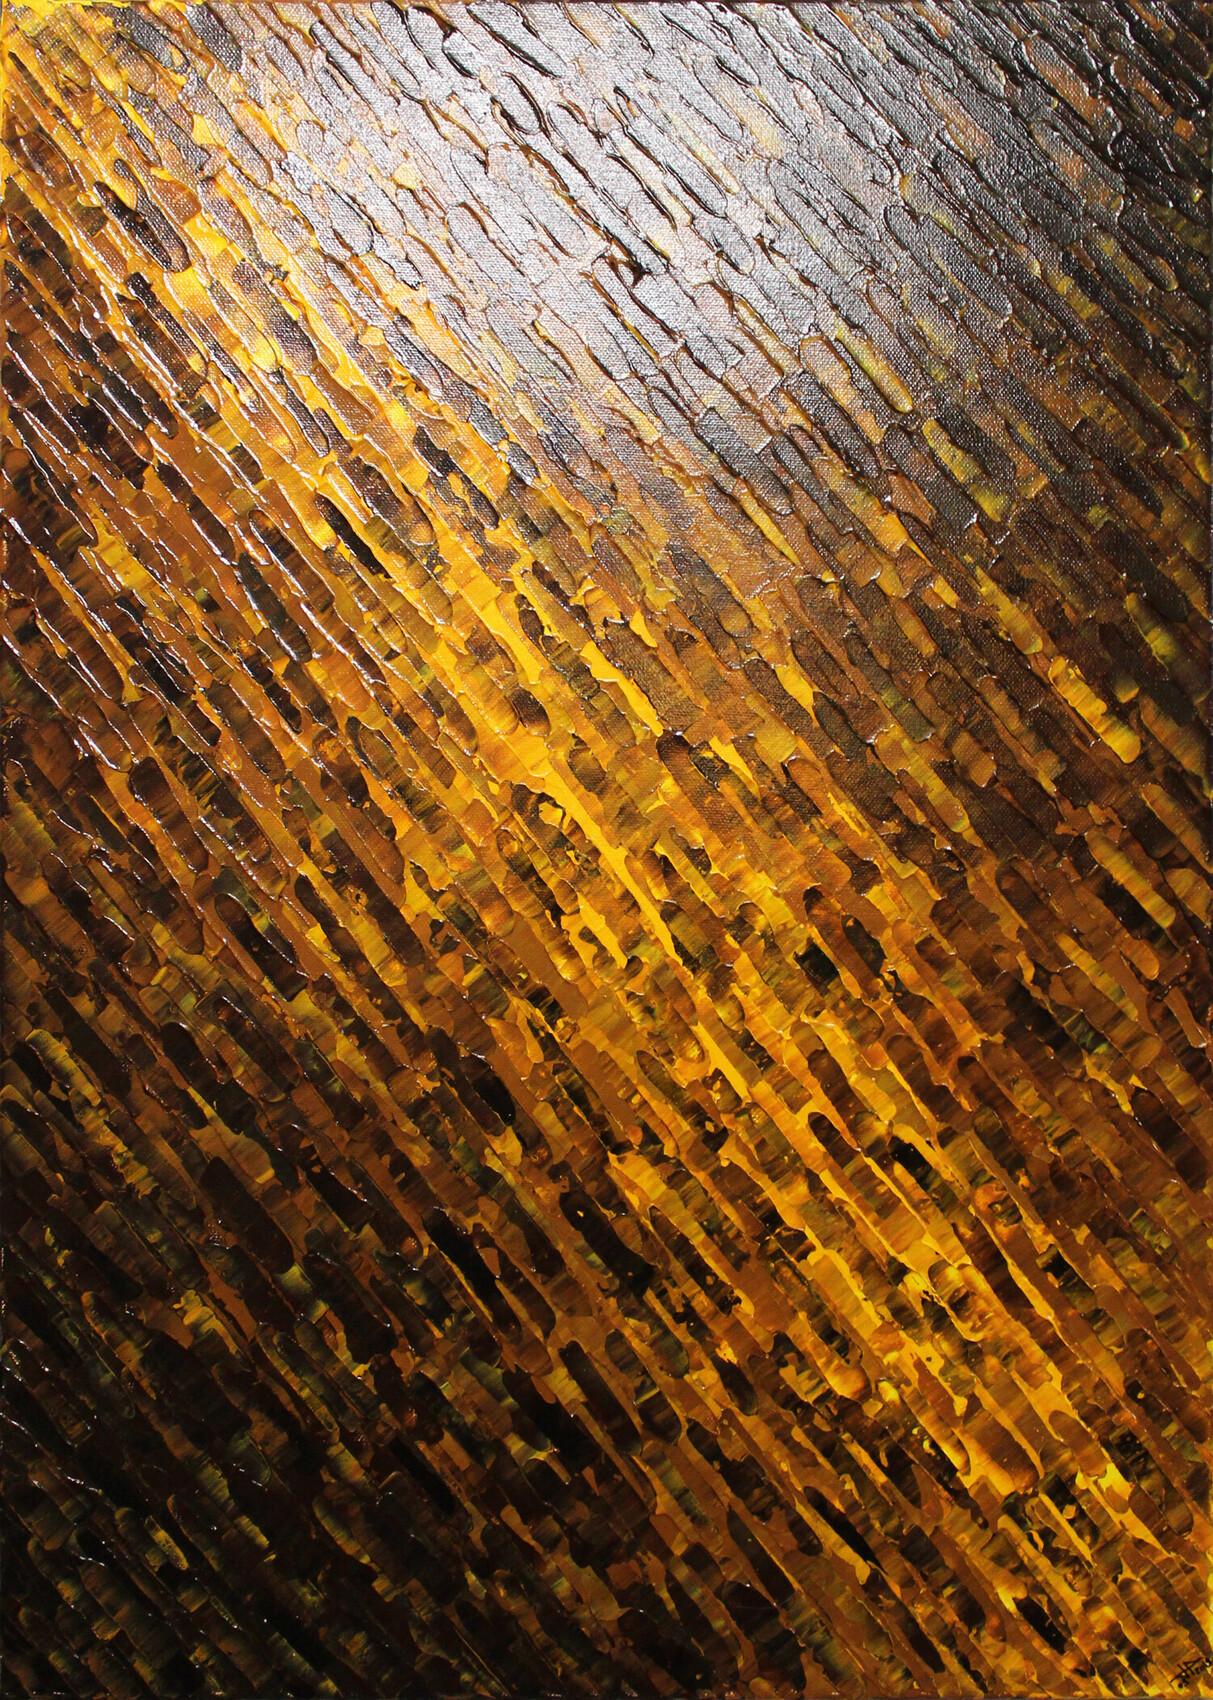 Toile abstraite : Texture couteau jaune marron.